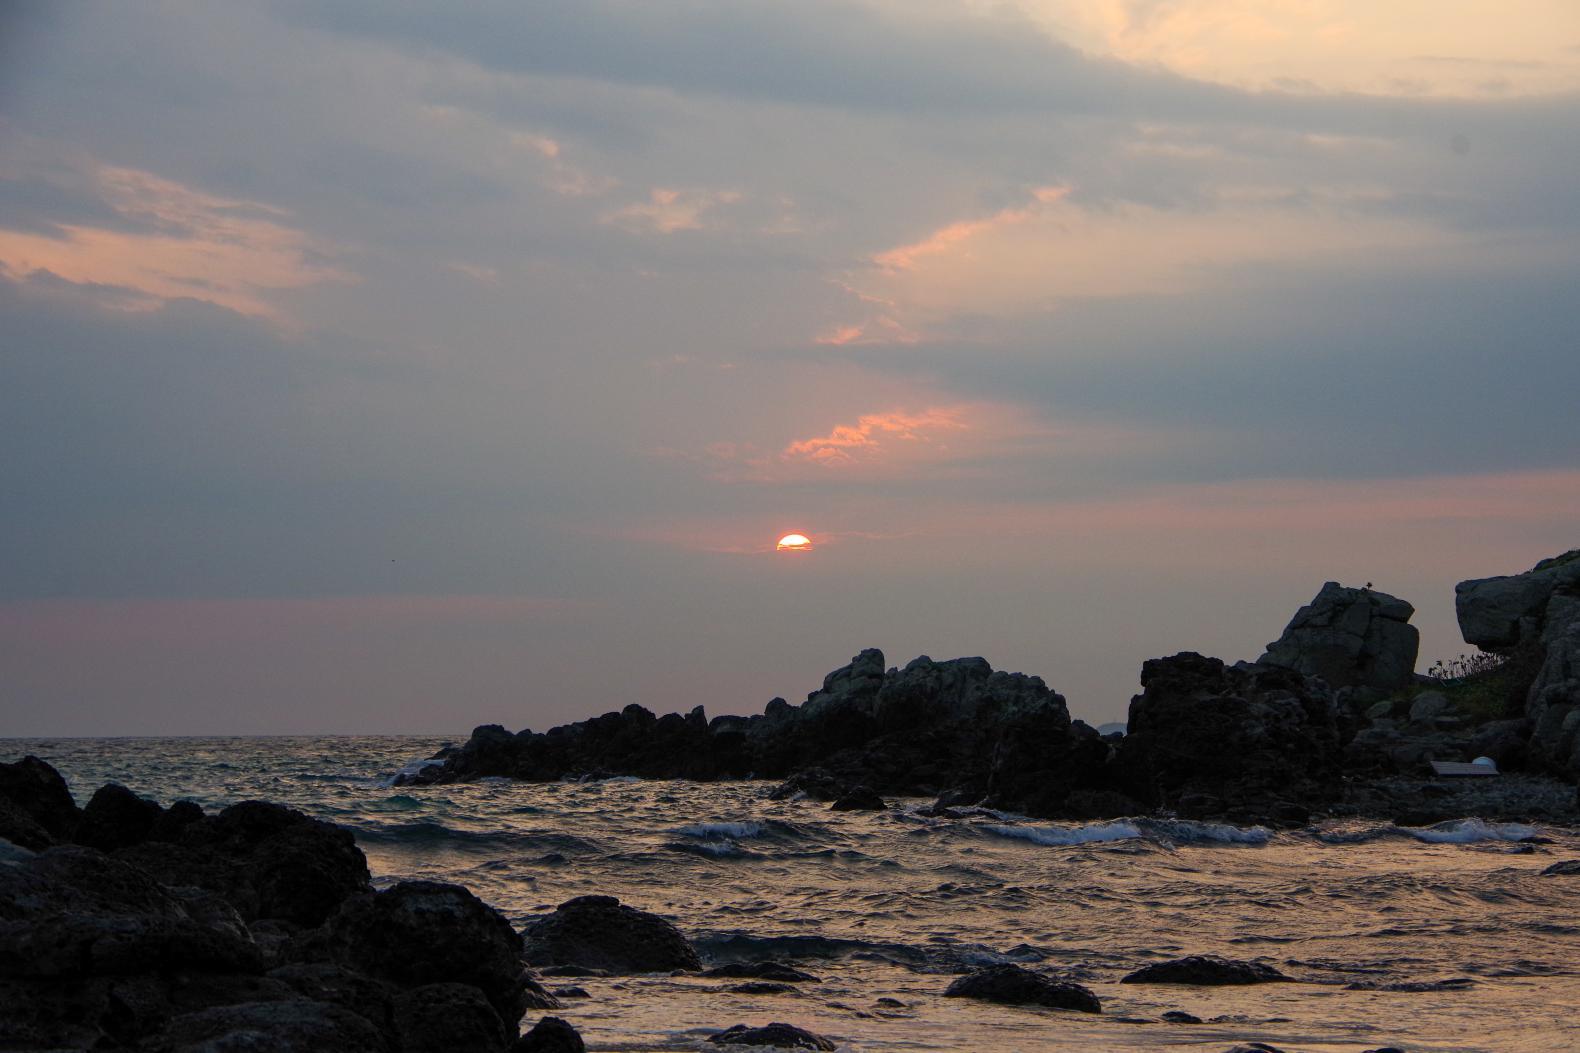 神々しい輝きに感動!!「乙島の浜」から望む朝日-2